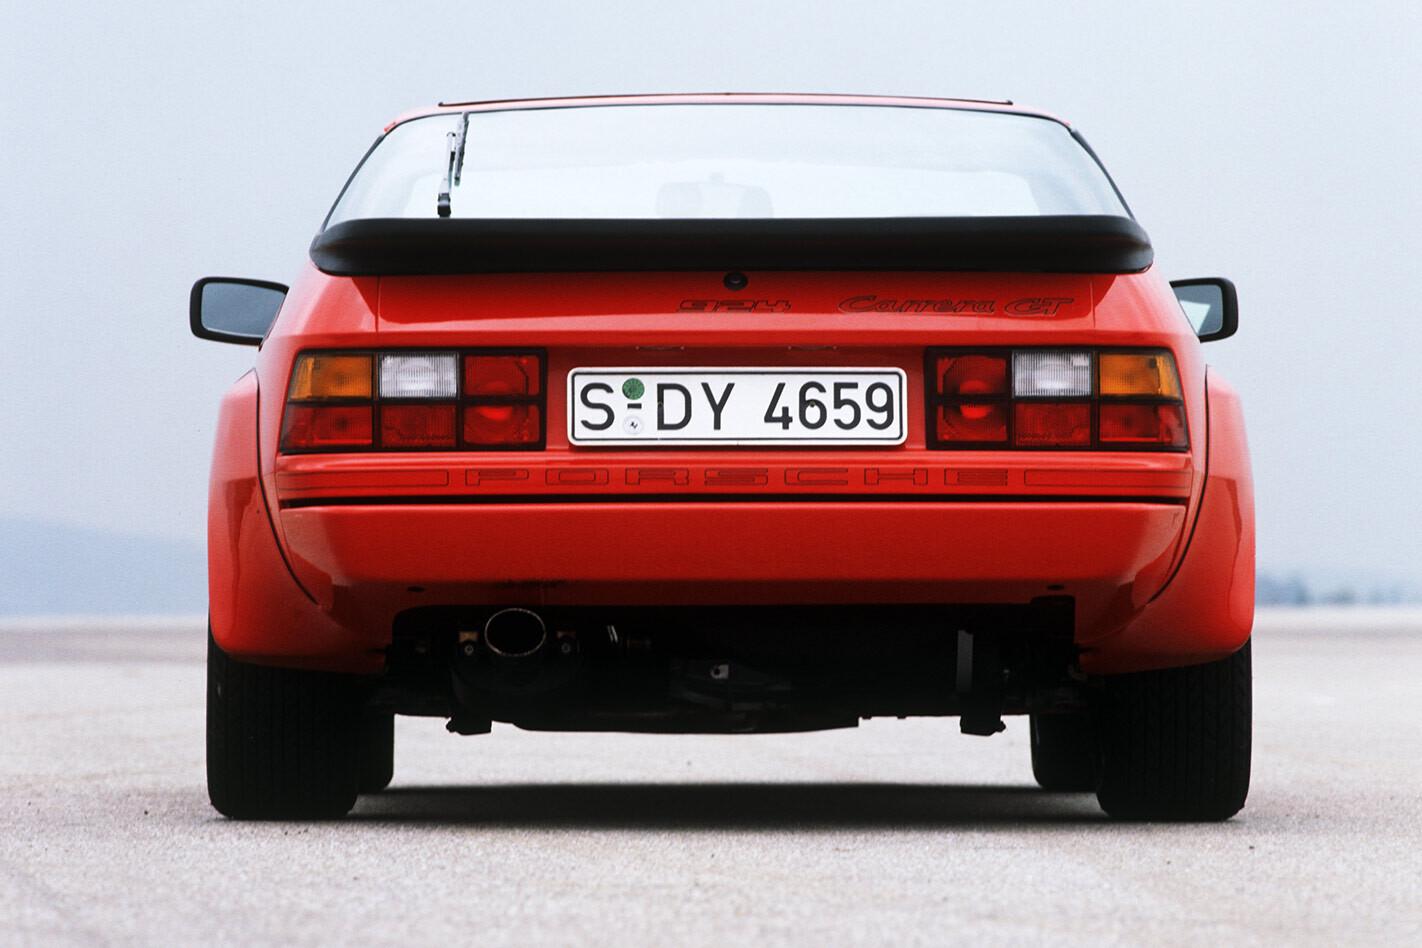 Porsche 924 Carrera GT rear